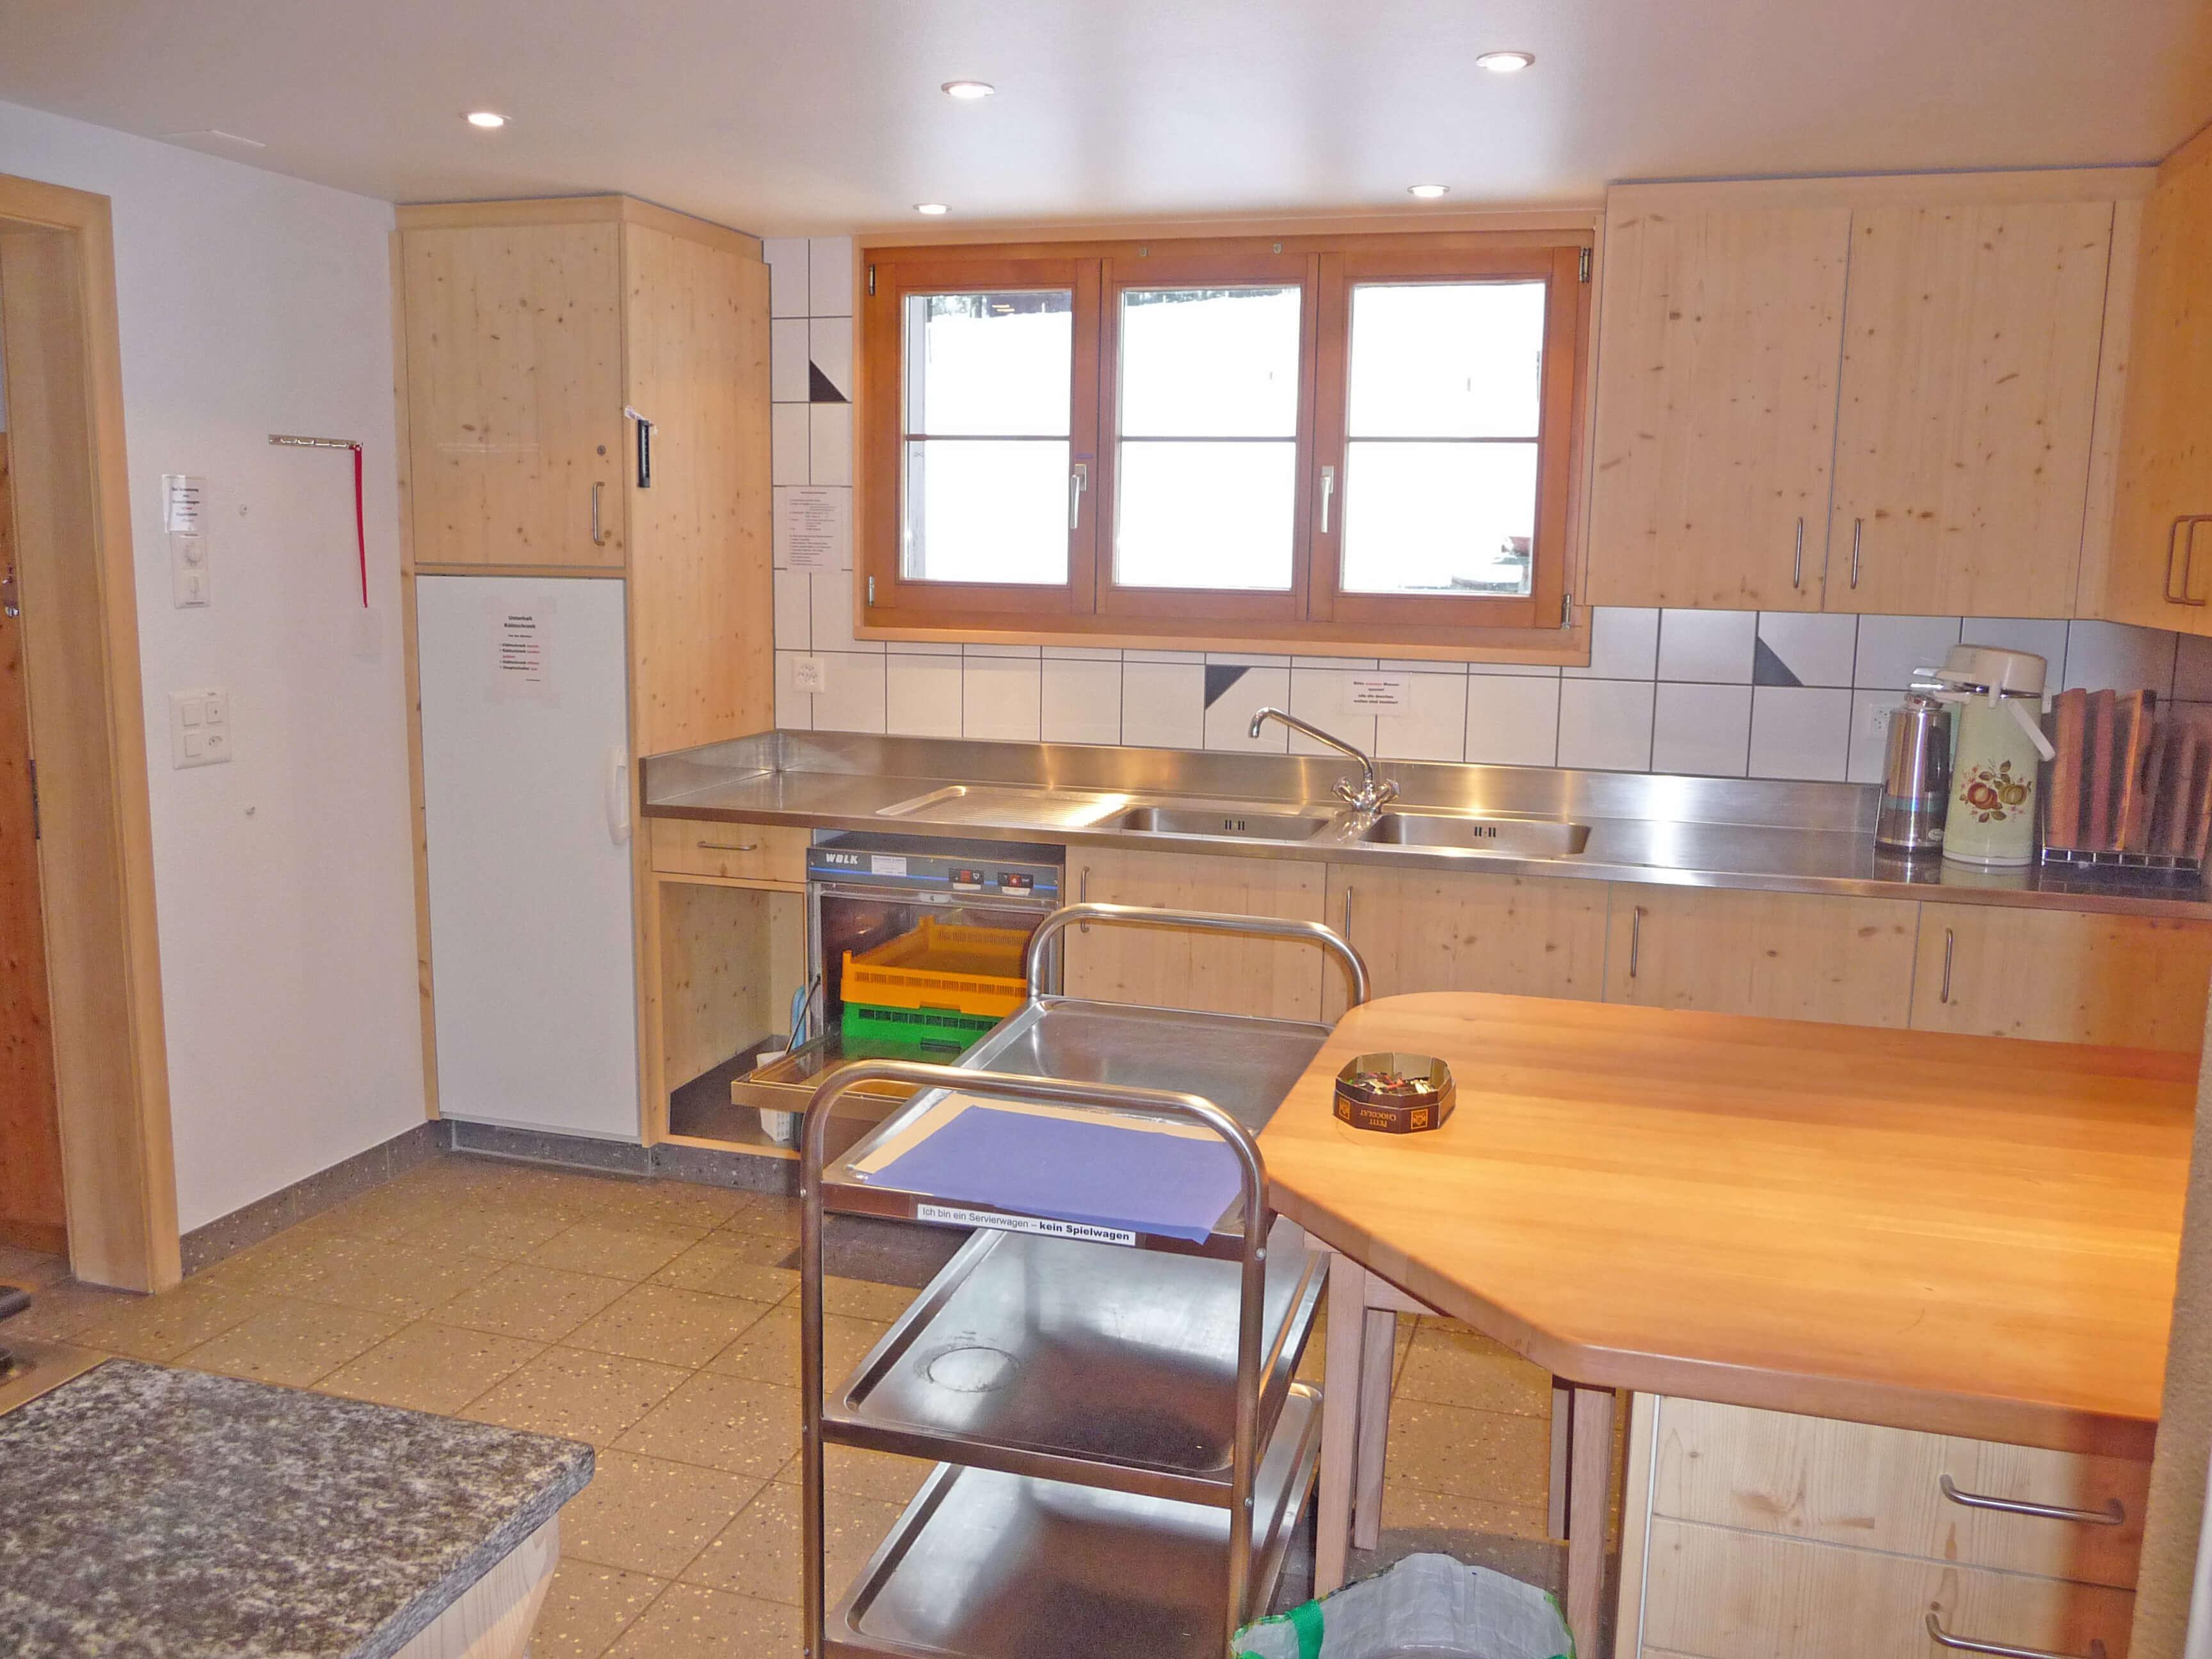 Küche Abwaschmaschine Staldenmaadhütte